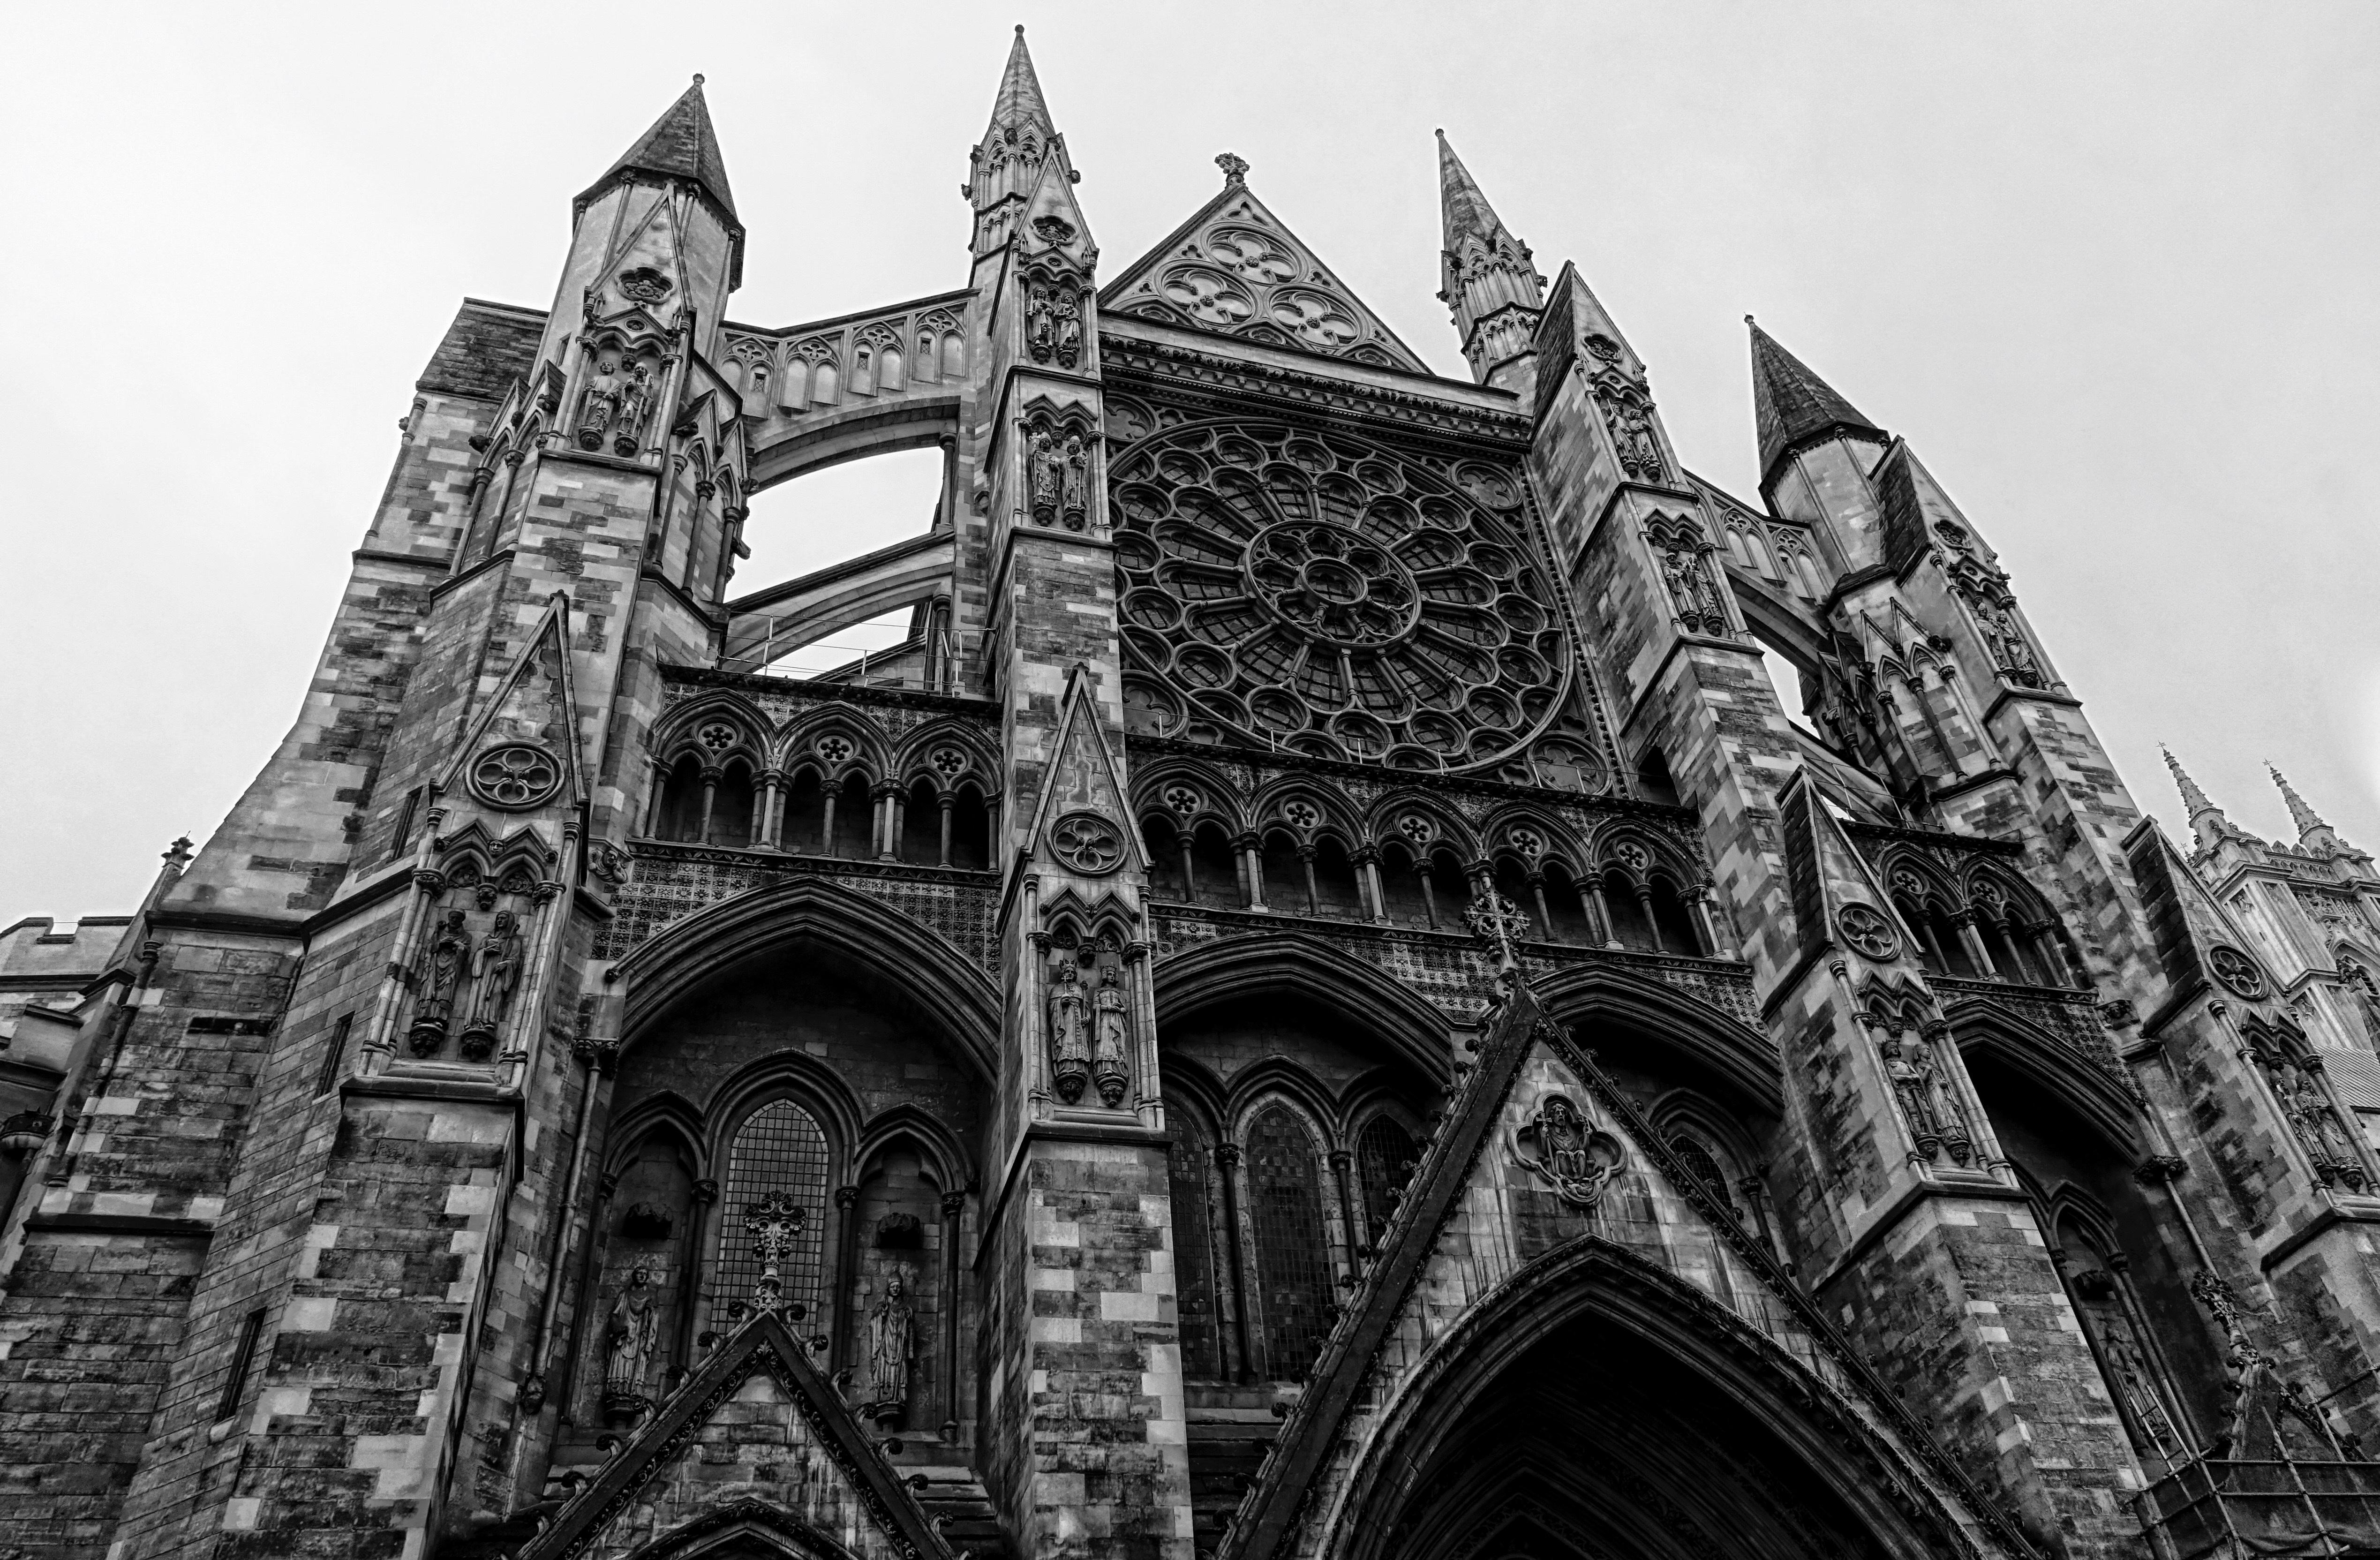 что же, ретро фото готической архитектуры литературой звягинцев интересовался